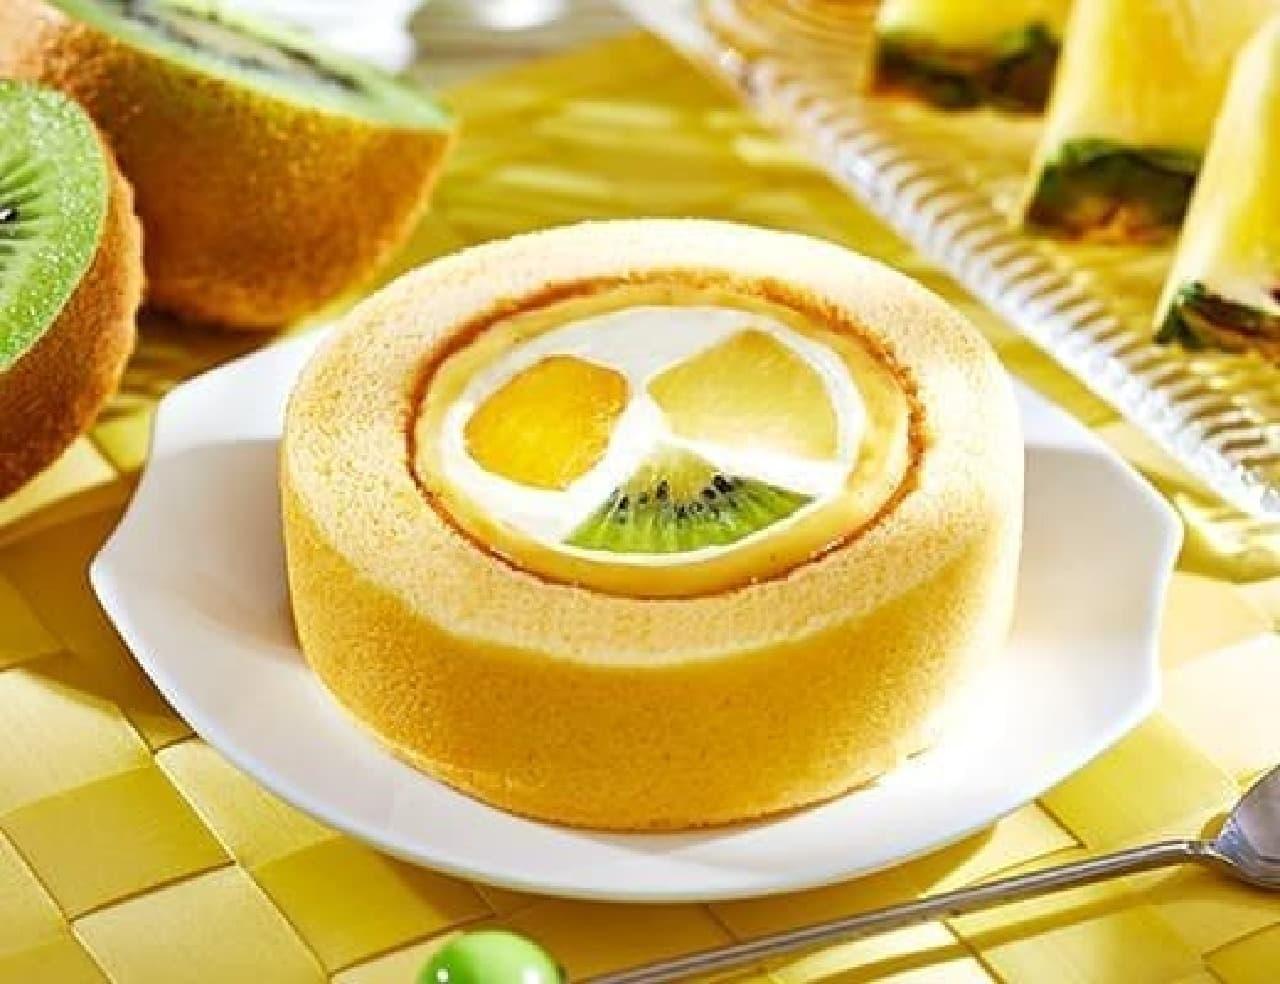 ローソン「プレミアム フルーツロールケーキ」